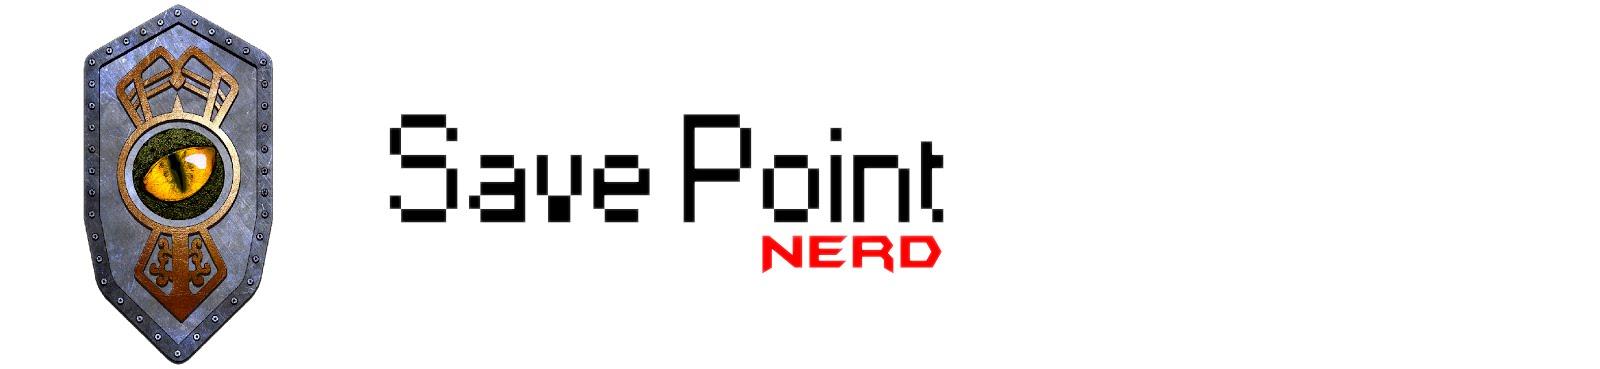 Save Point Nerd